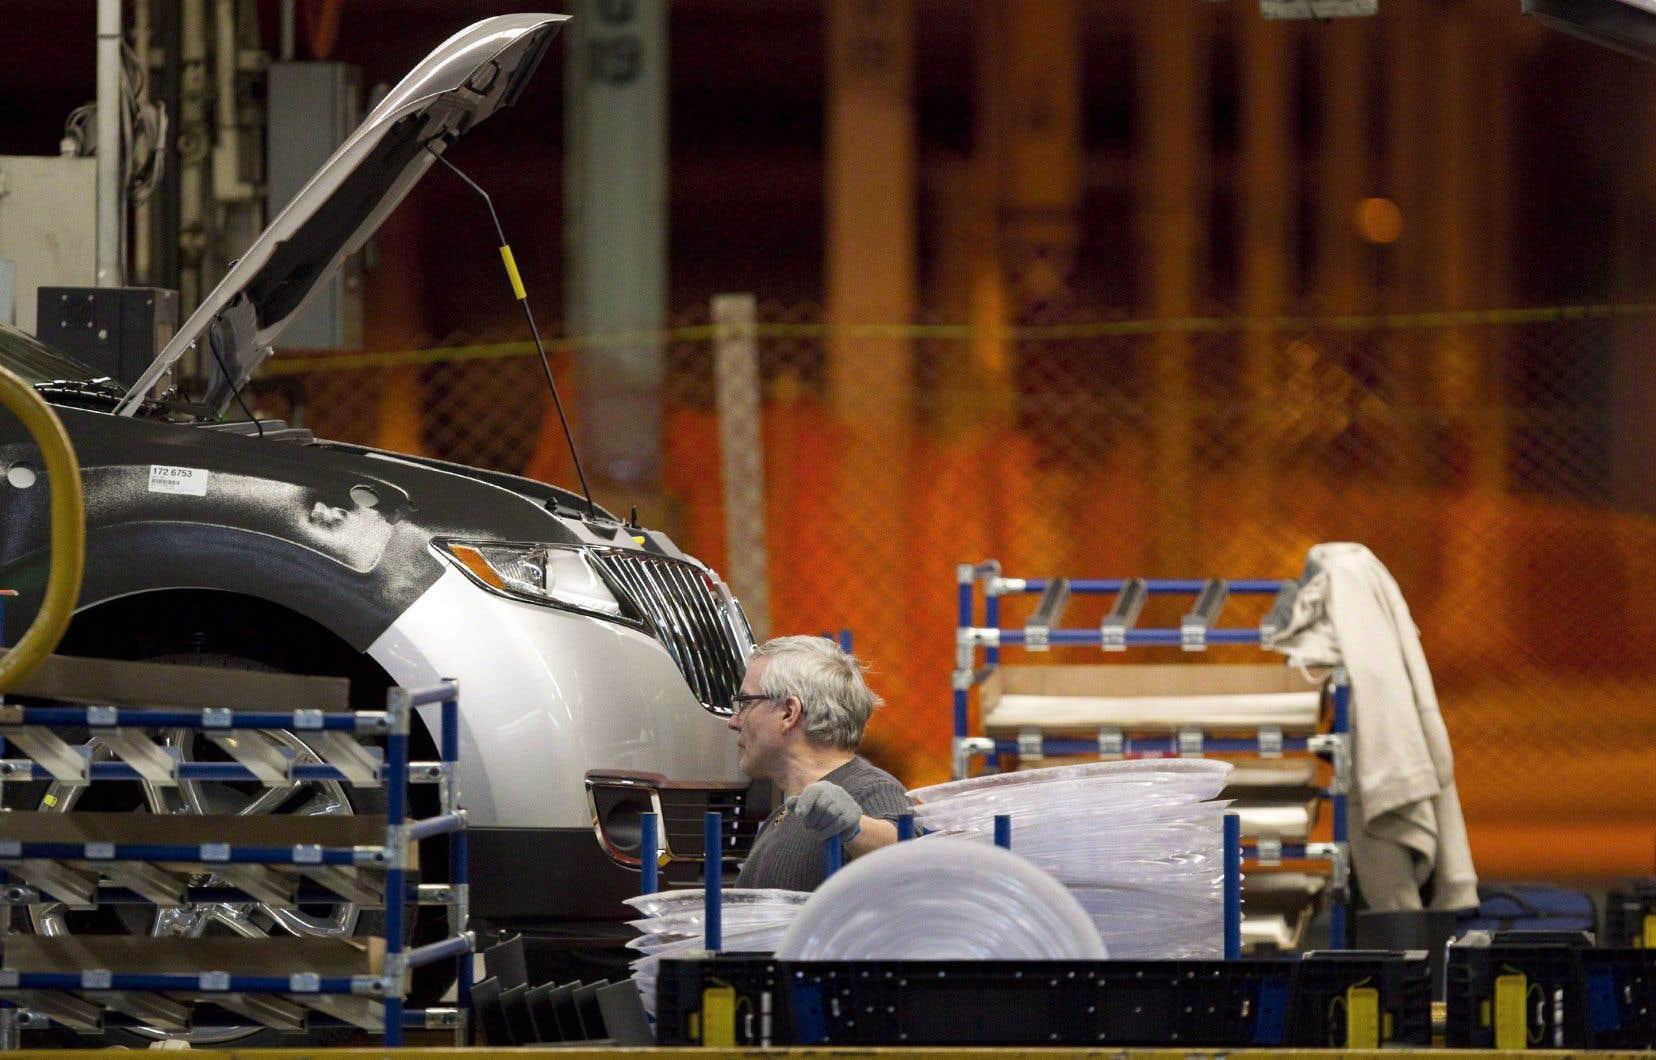 L'impact de nouveaux tarifs américains dans l'automobile, qui mèneraient à des représailles équivalentes de la part du Canada, serait particulièrement dommageable en Ontario.